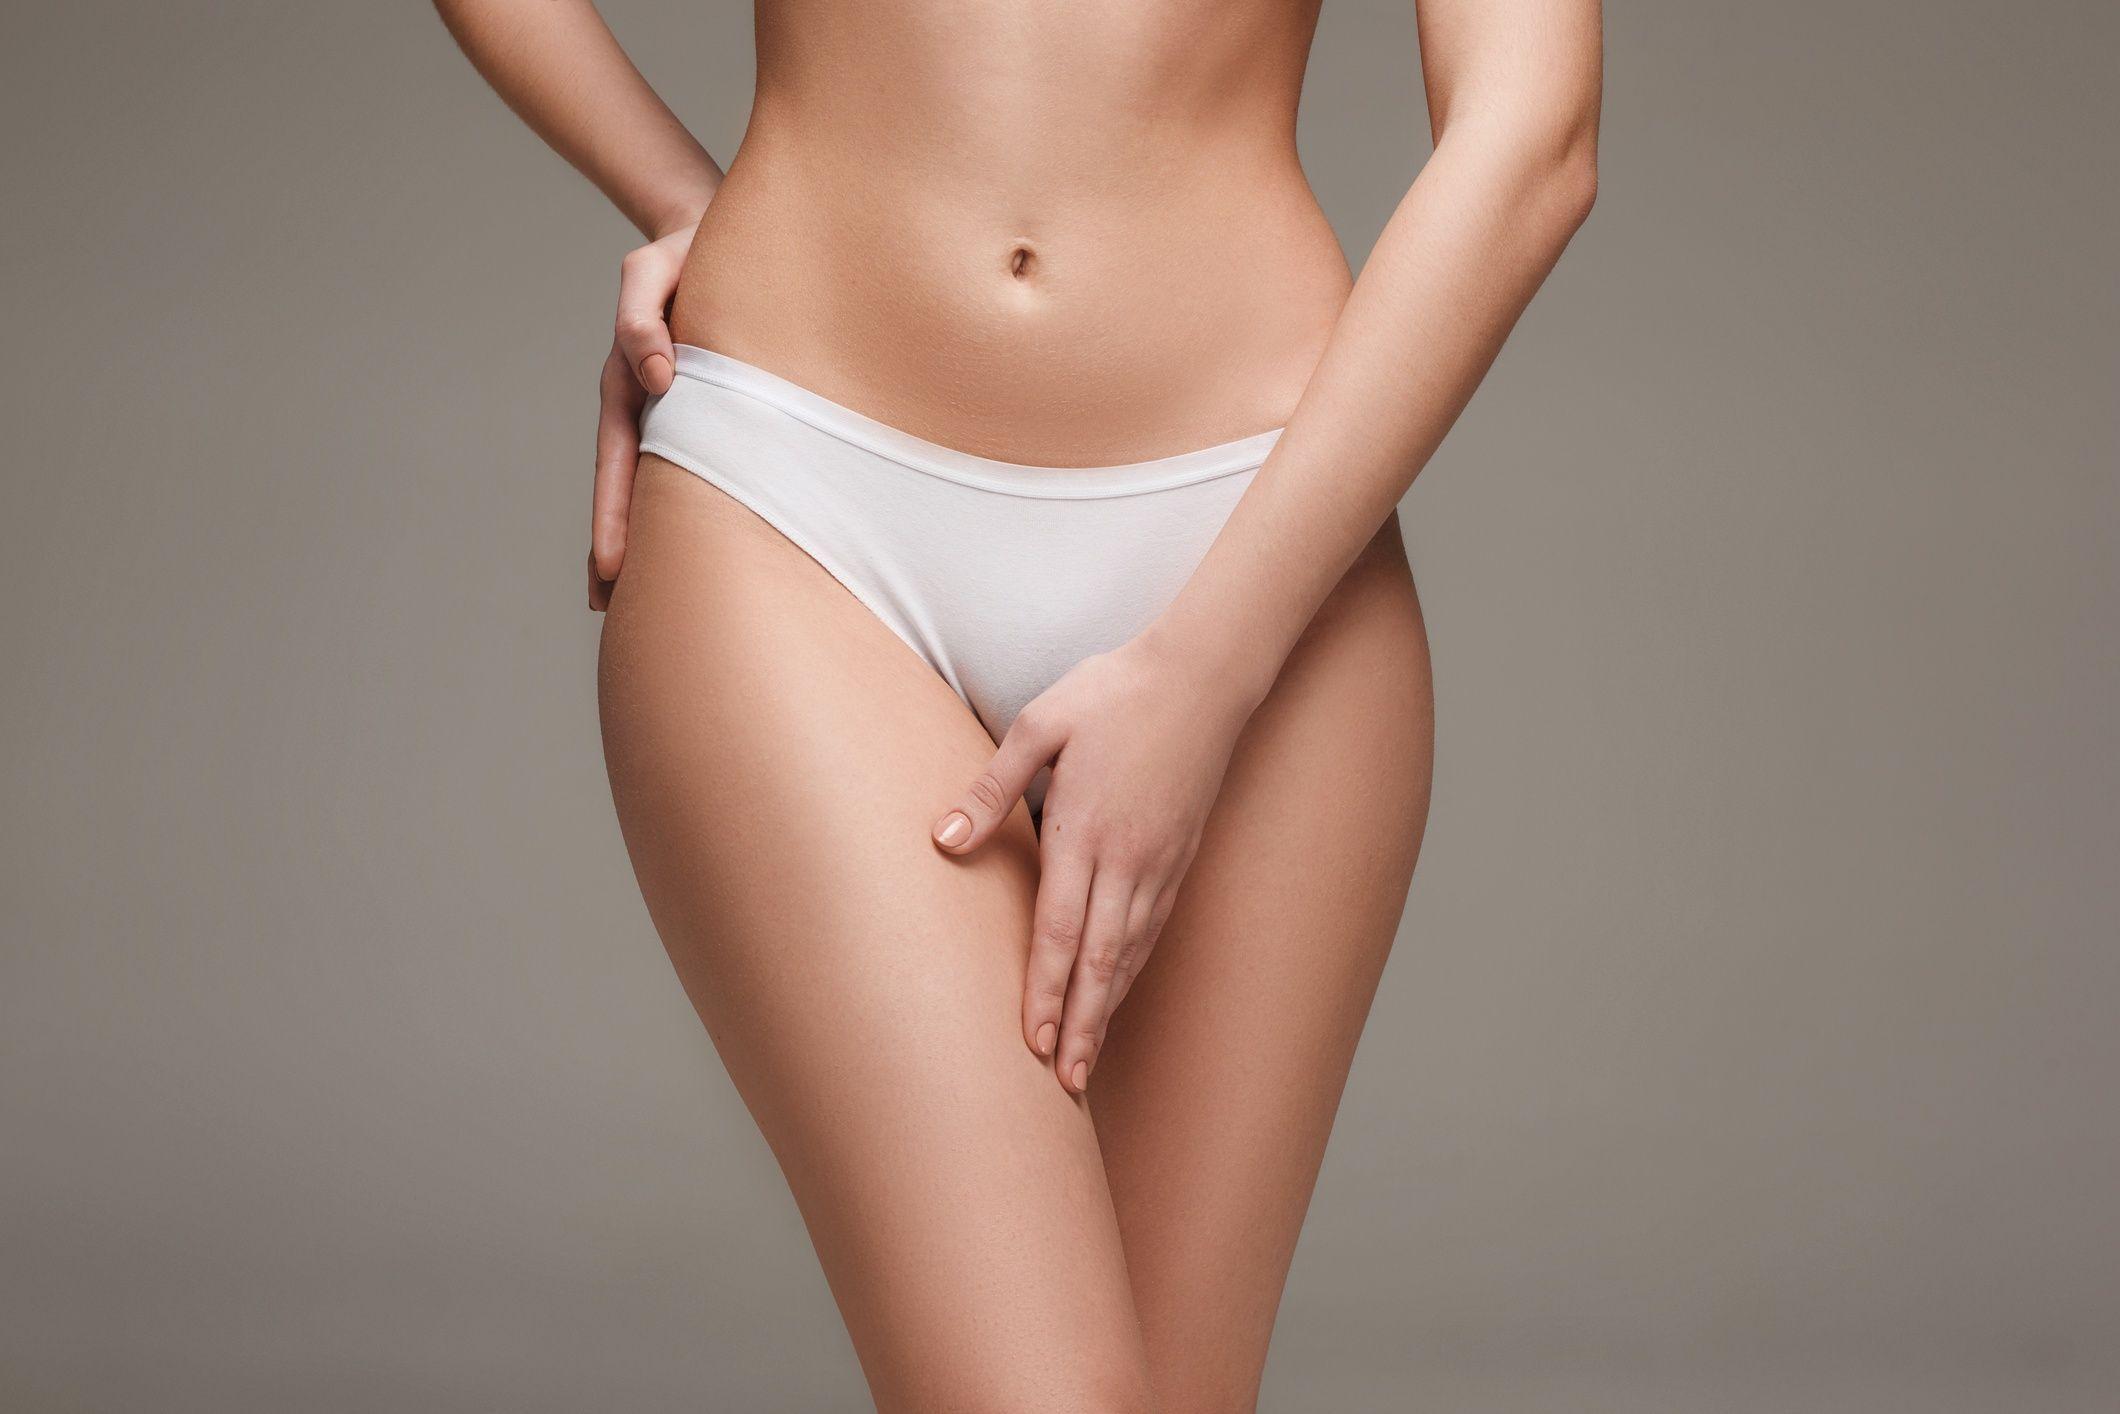 Pour plus d'une femme sur deux, le sexe féminin reste un sujet tabou